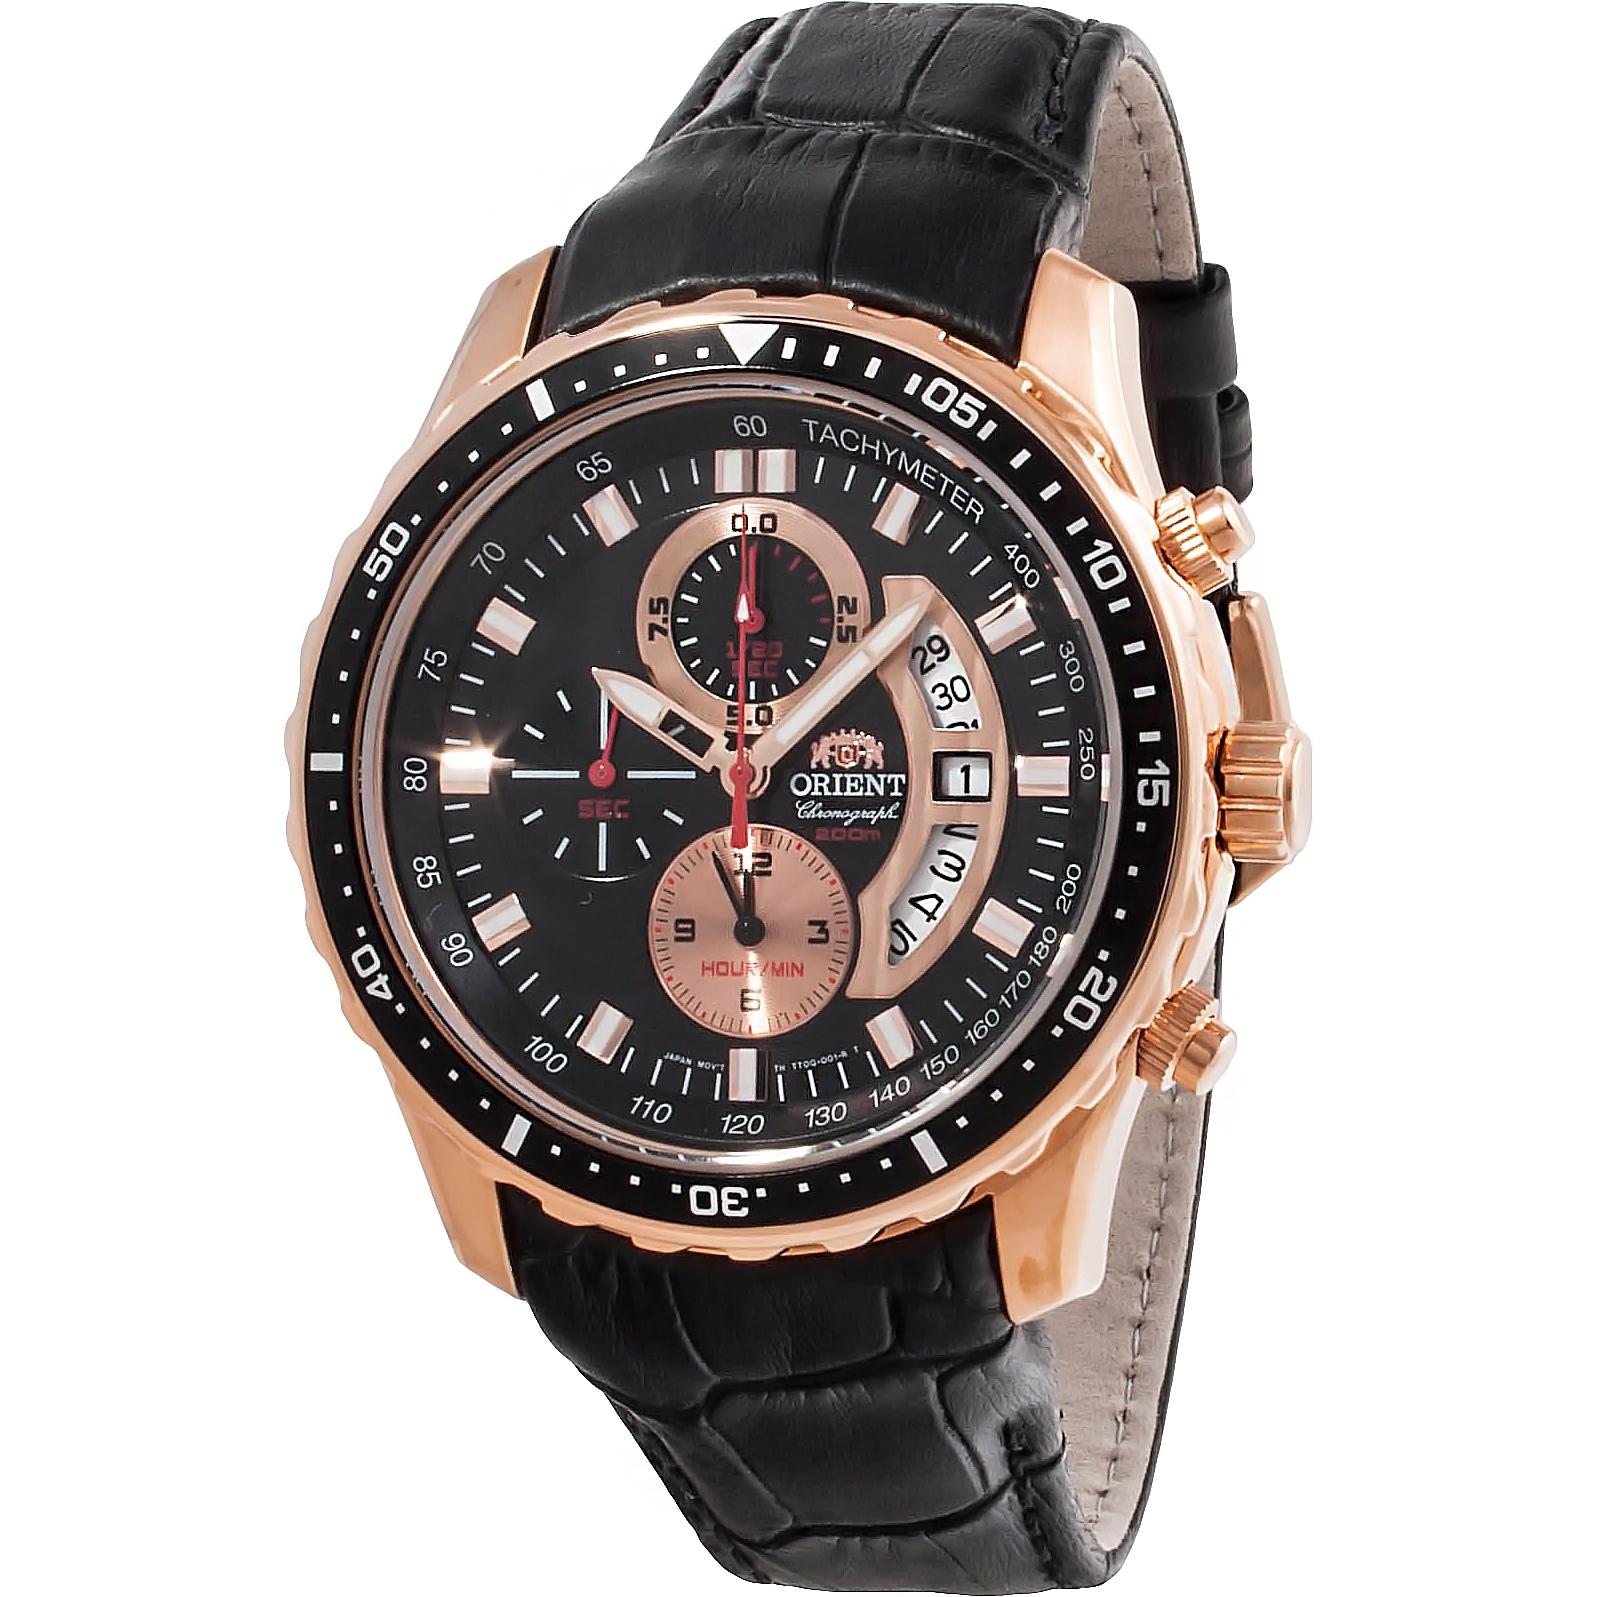 นาฬิกาผู้ชาย Orient รุ่น FTT0Q005B0, Quartz Chronograph